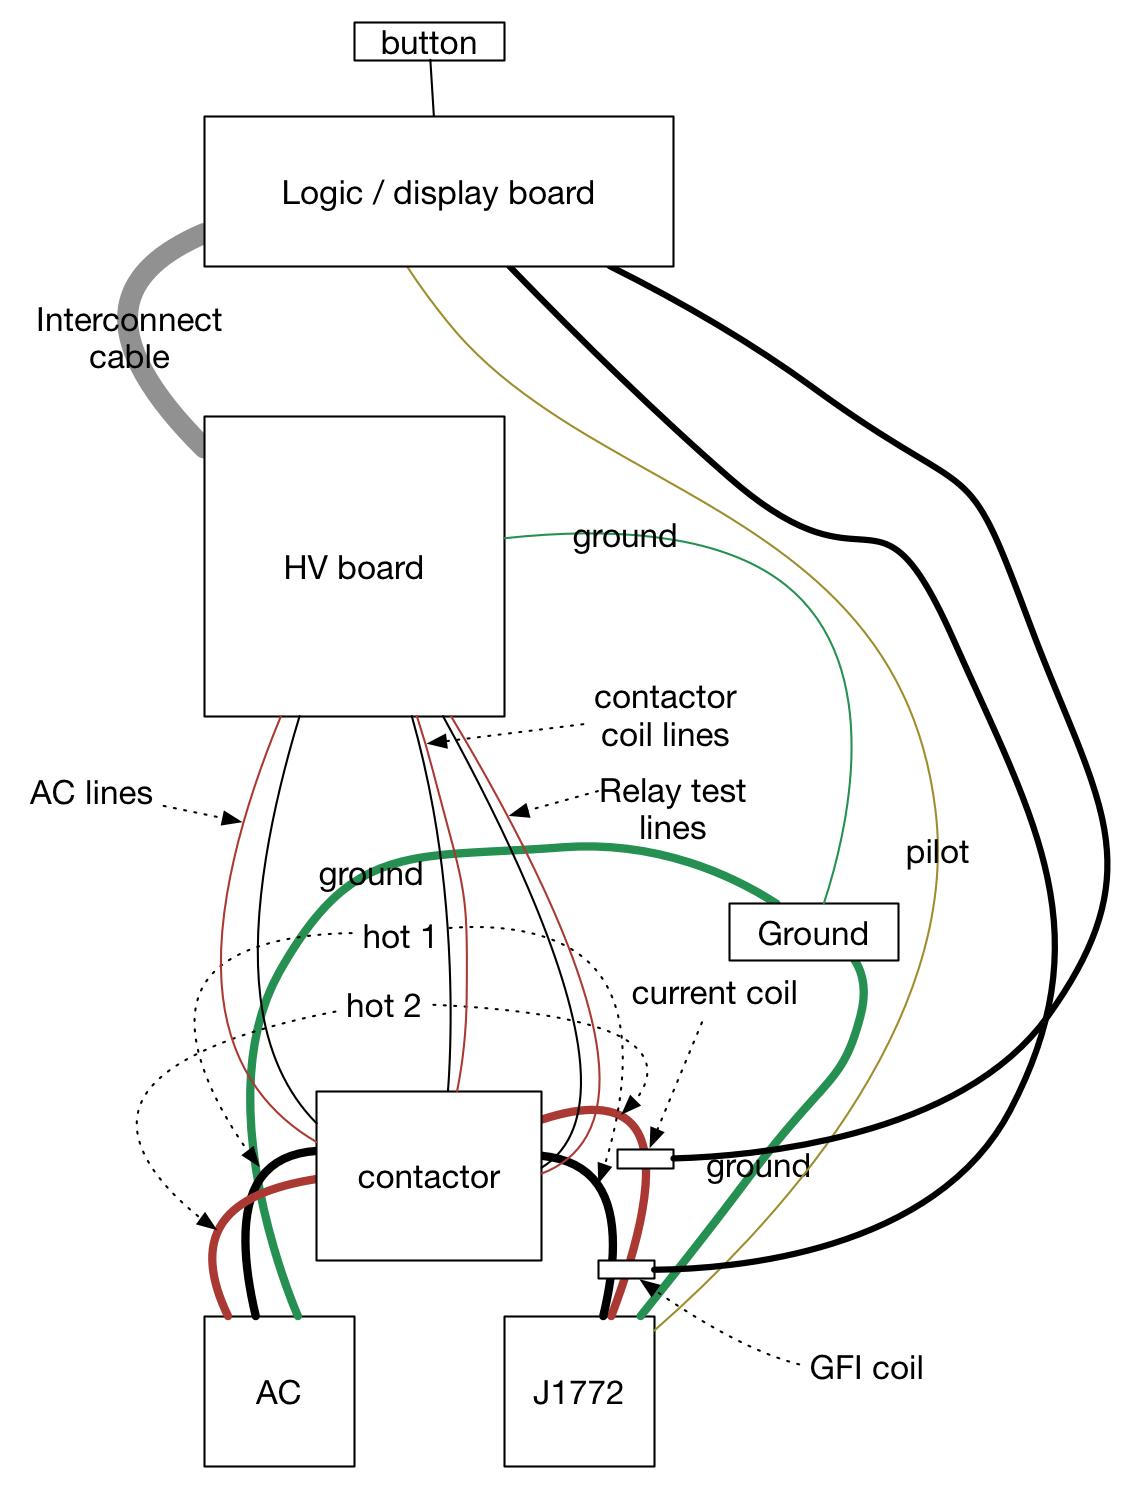 Openevse Kit Wiring Diagram